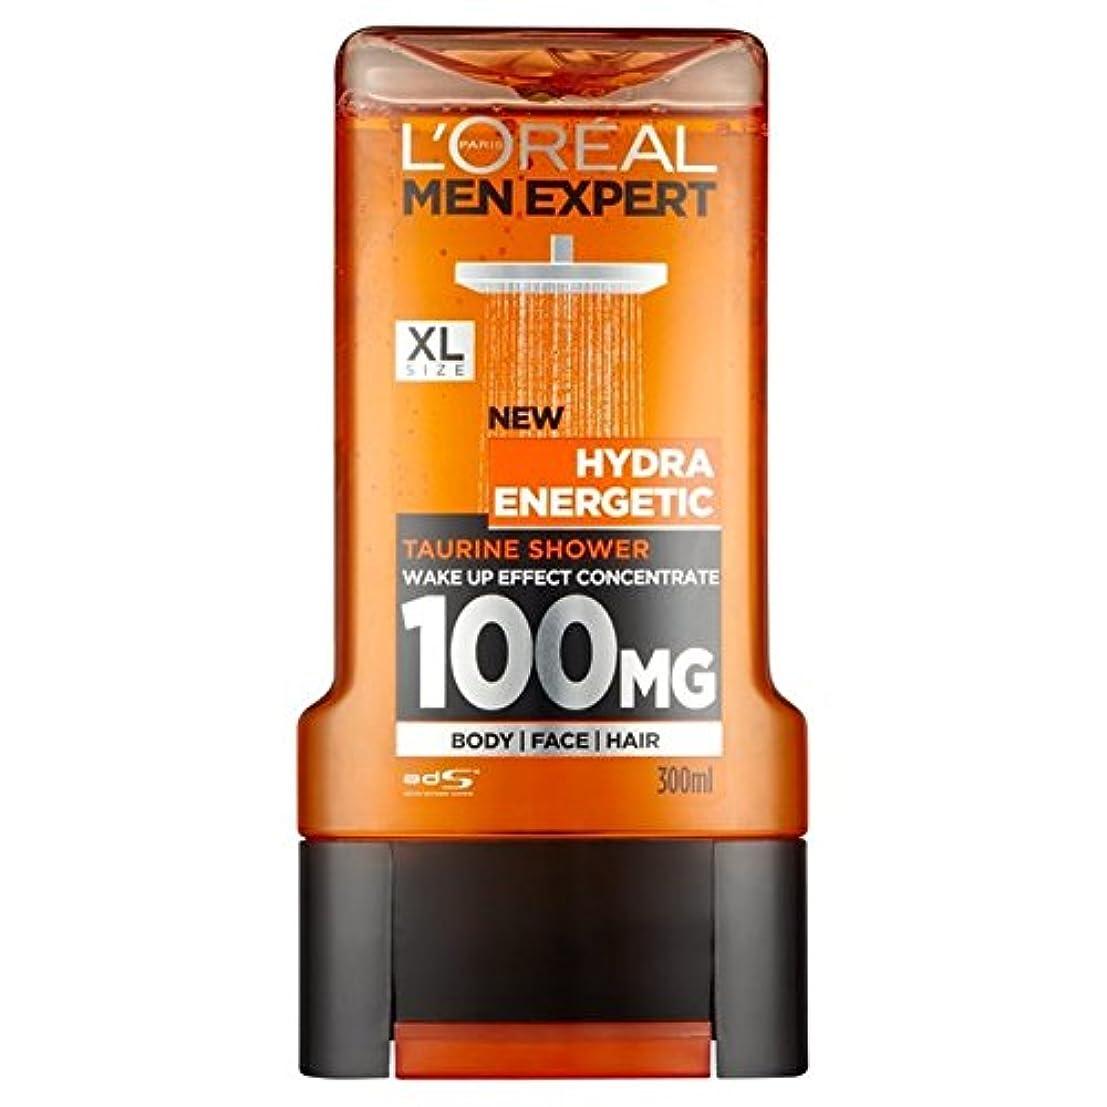 すでにビジター透けて見えるロレアルパリのメンズ専門家ヒドラエネルギッシュなシャワージェル300ミリリットル x4 - L'Oreal Paris Men Expert Hydra Energetic Shower Gel 300ml (Pack...